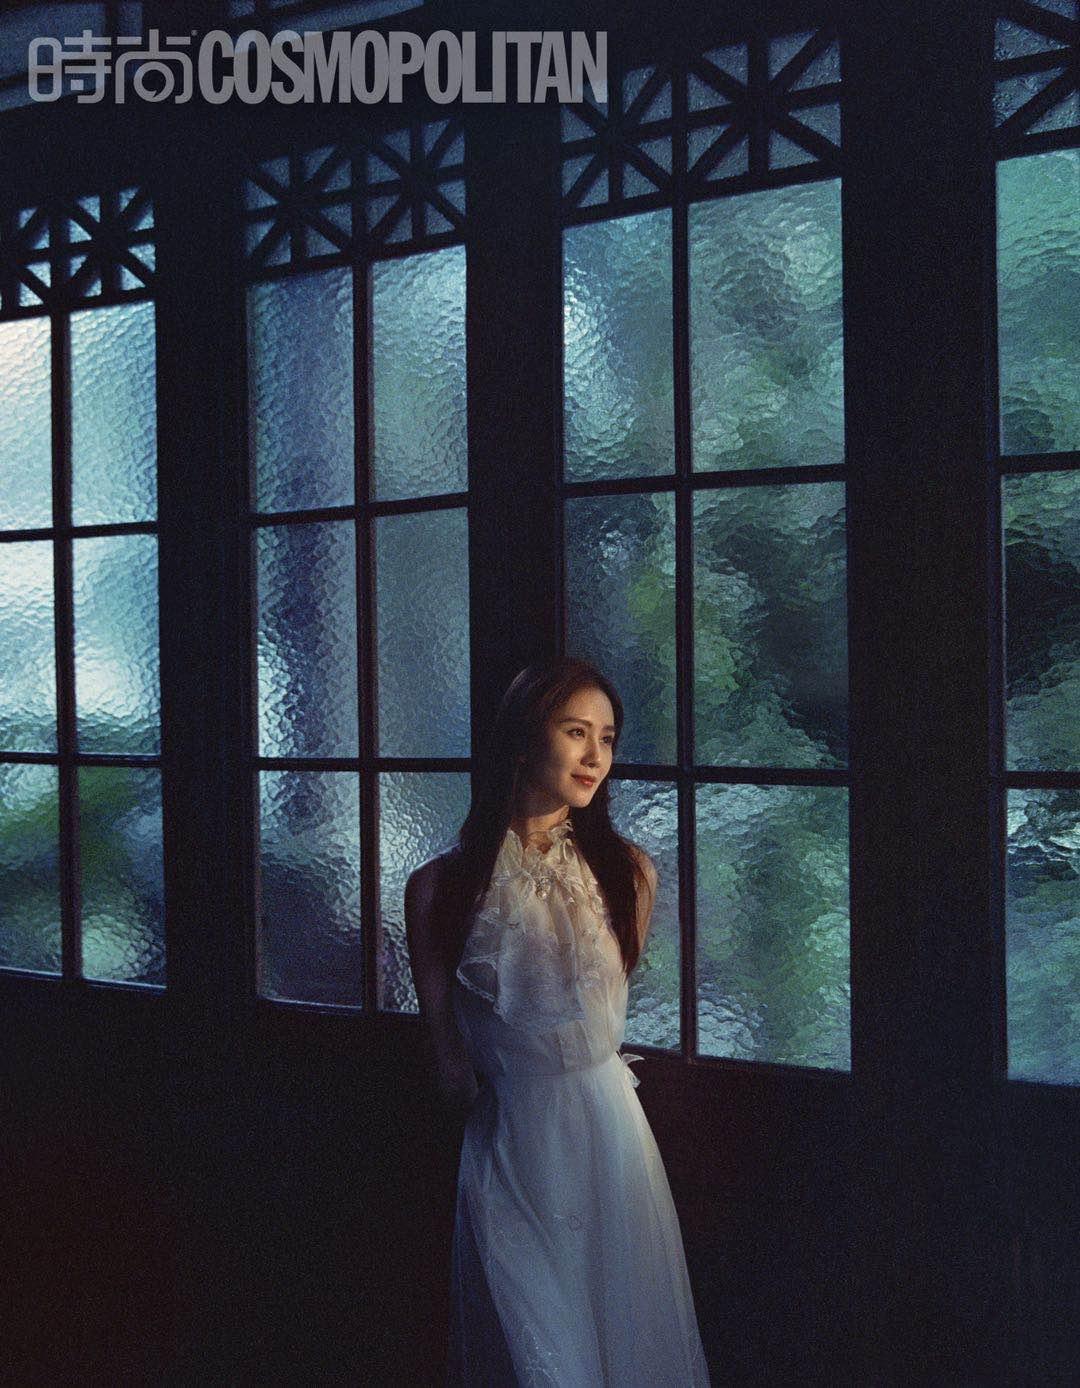 刘诗诗夏日胶片大片释出 清丽演绎午后悠闲时光2.jpg